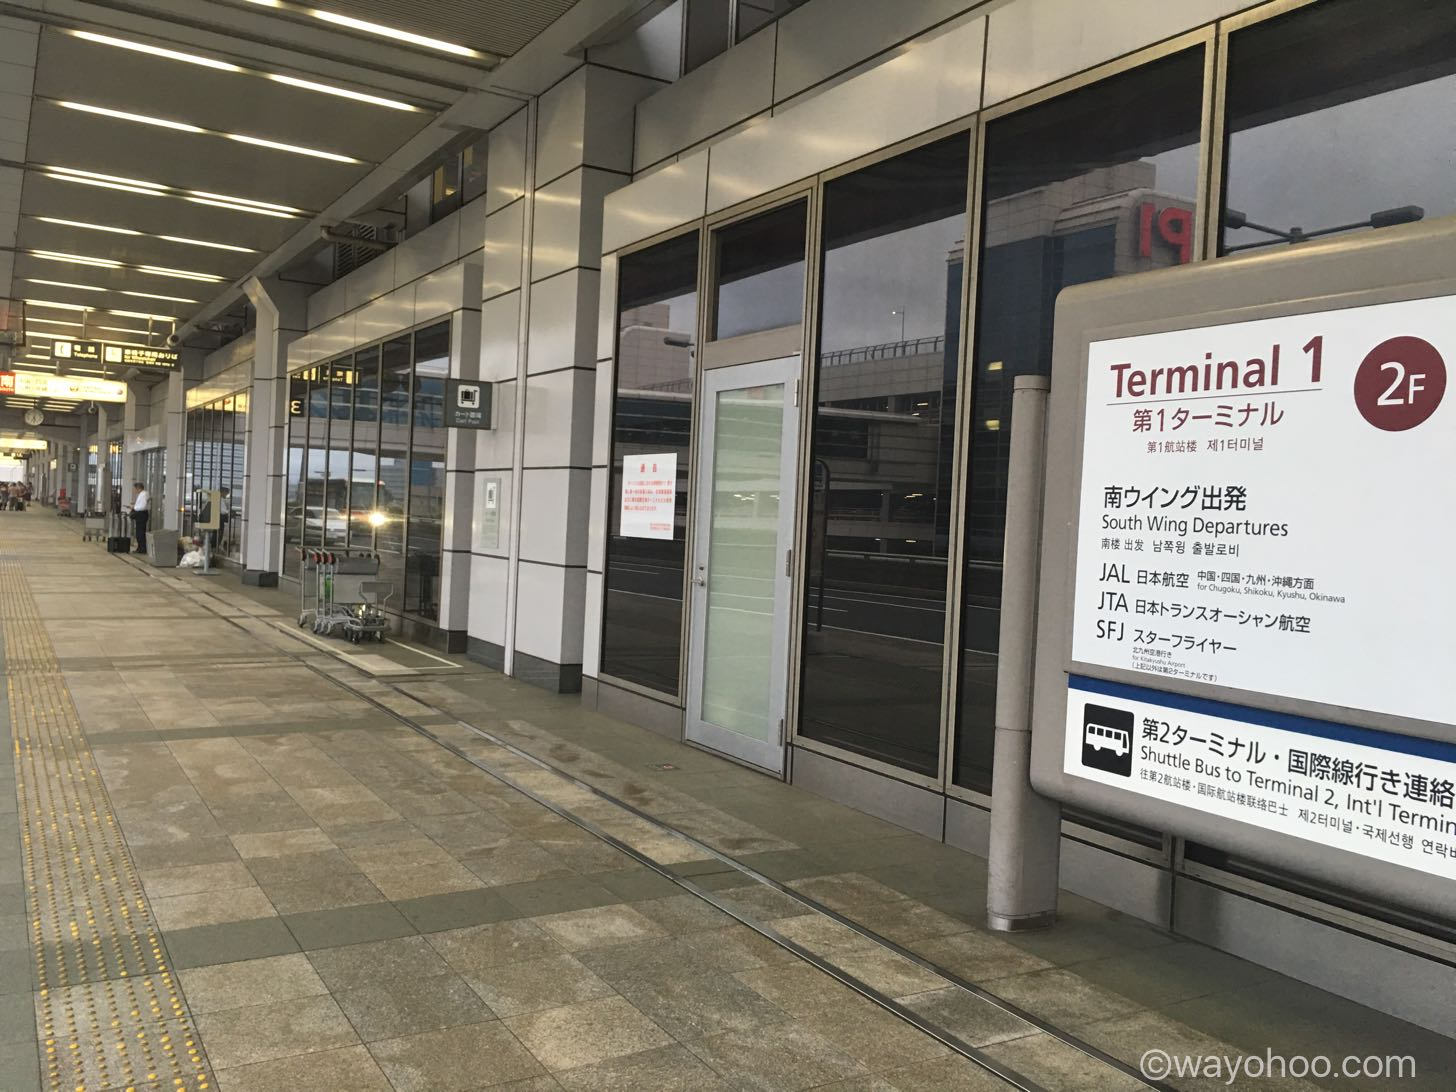 レアポケモンの巣「羽田空港第1ターミナル」